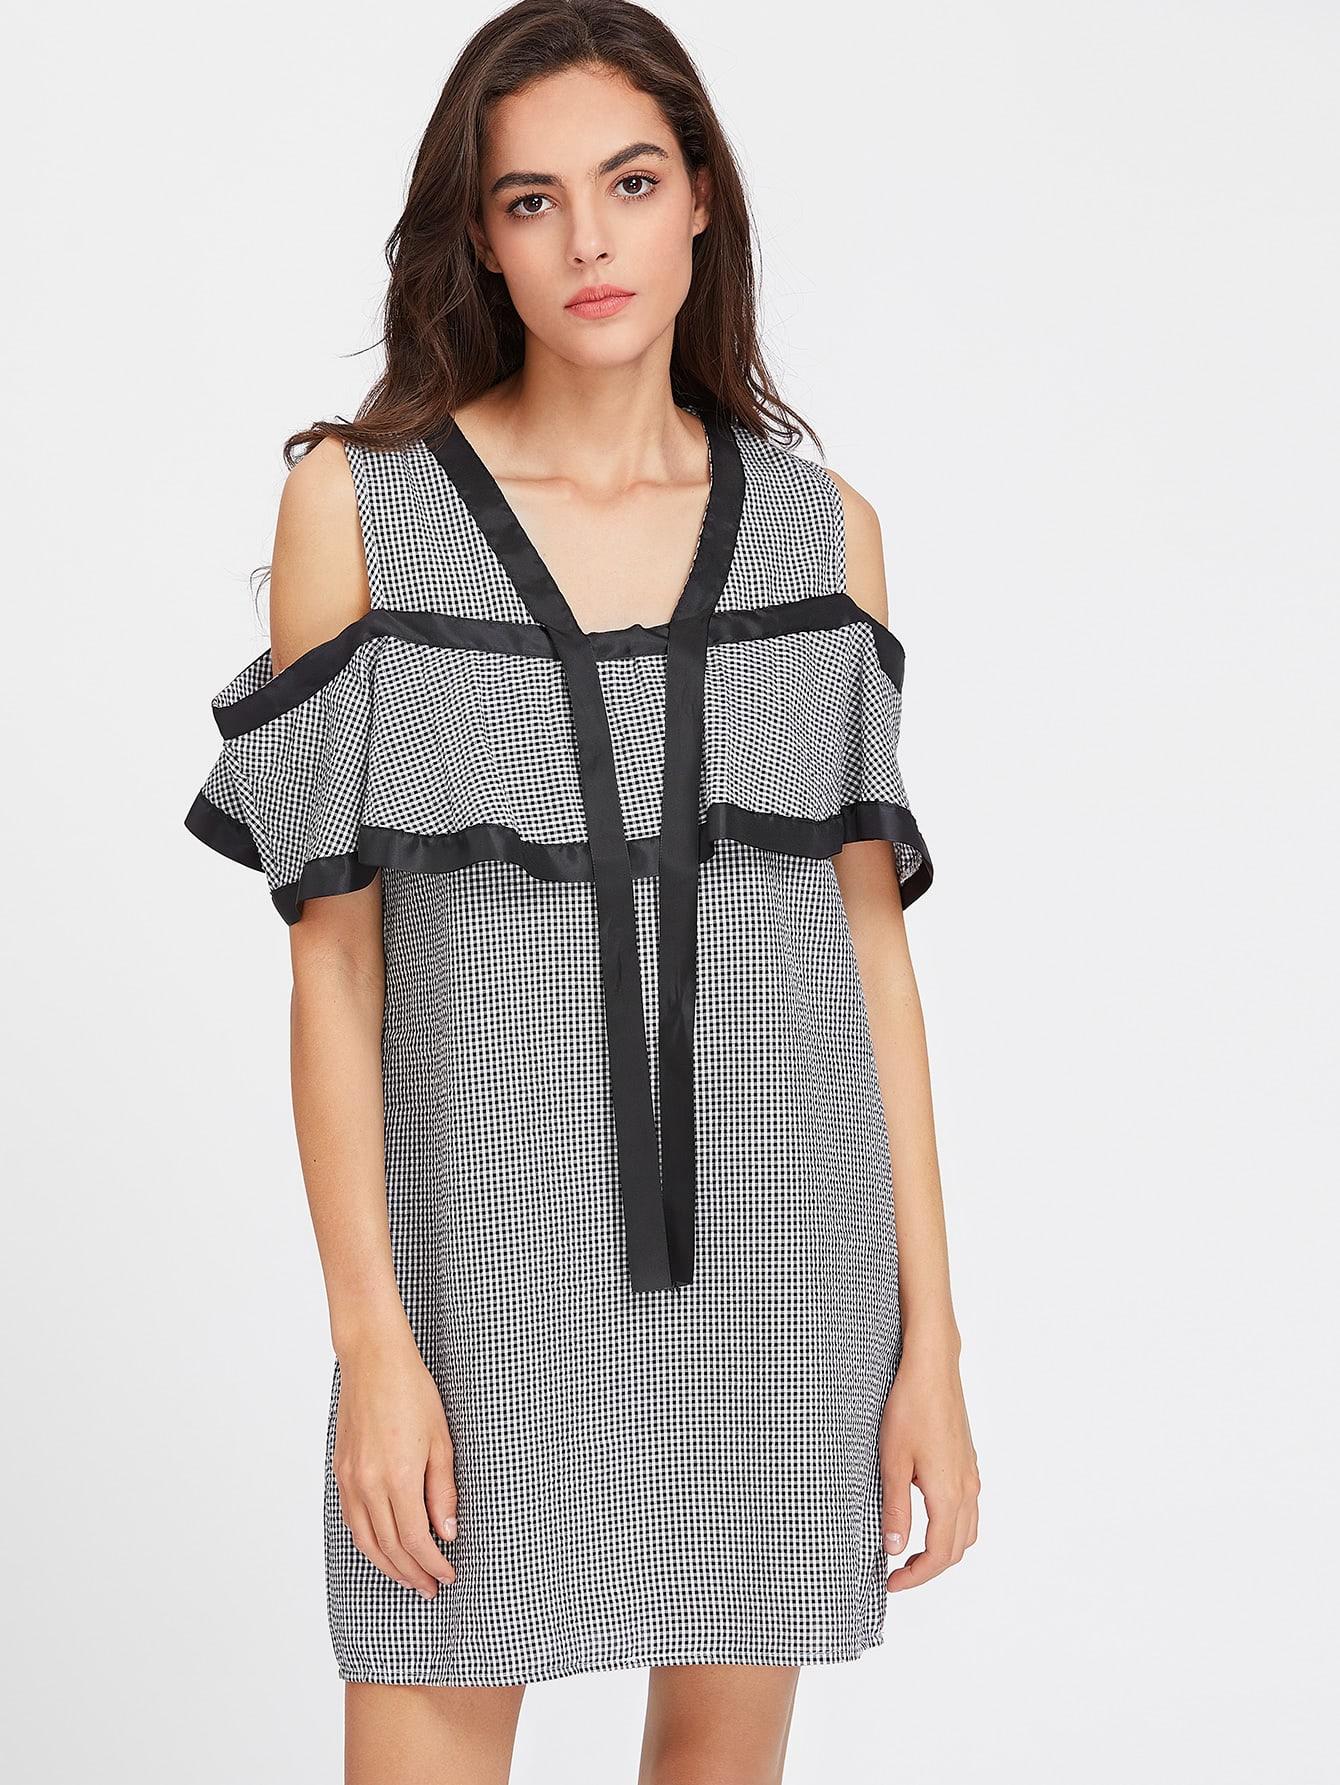 Фото Satin Trim Cold Shoulder Flounce Checkered Dress. Купить с доставкой